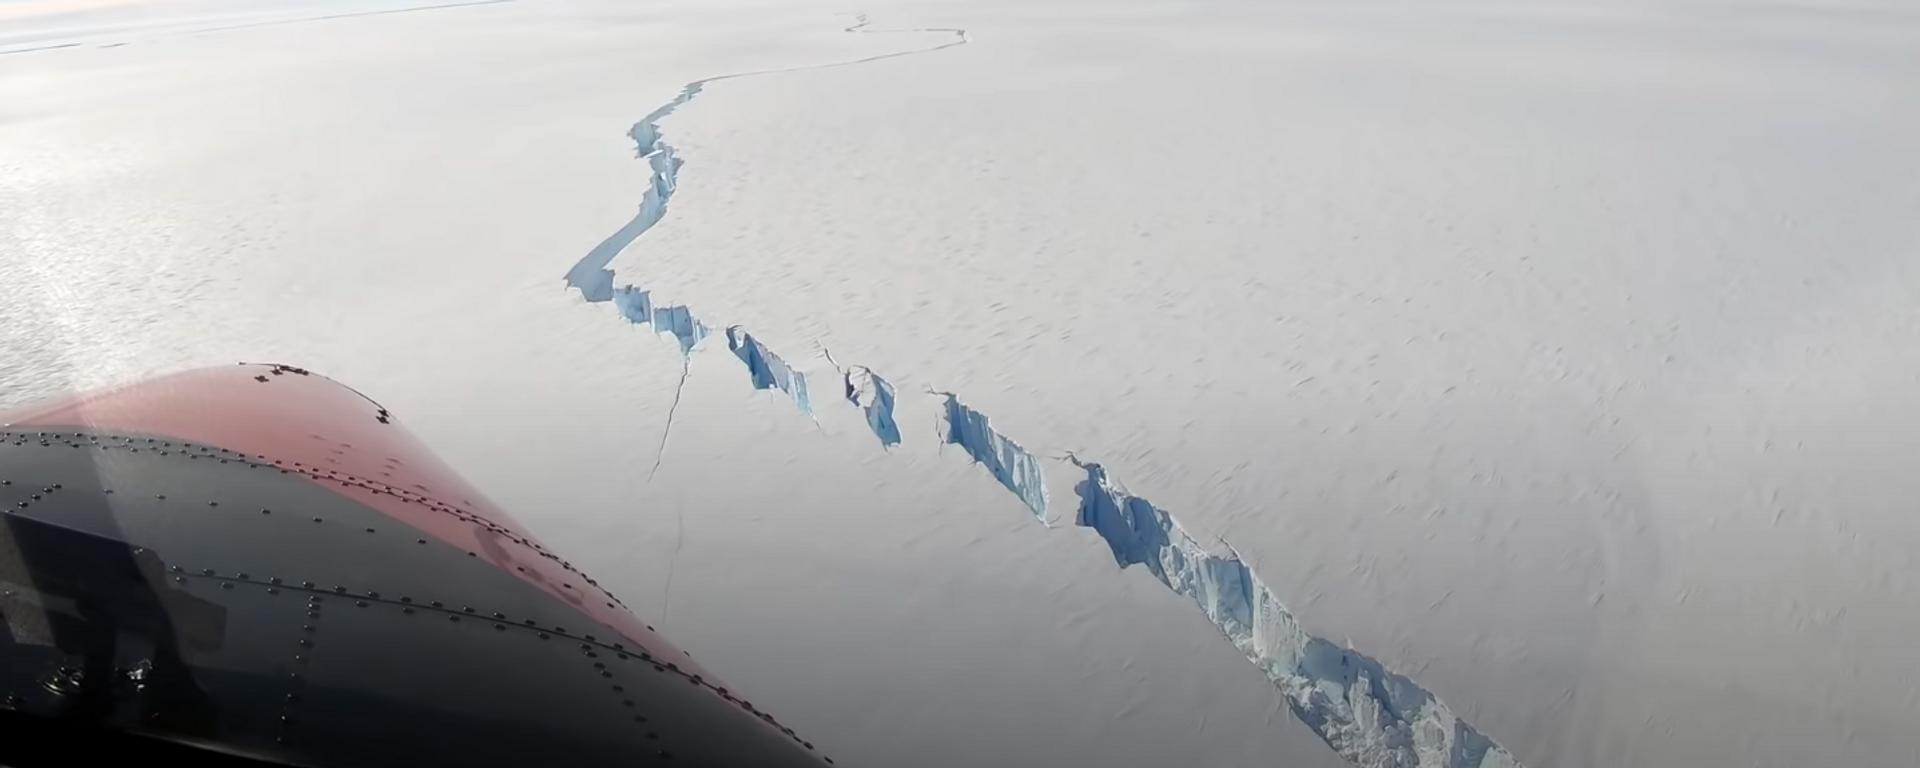 Una grieta en la plataforma de hielo flotante Brunt, en la Antártida - Sputnik Mundo, 1920, 02.07.2021